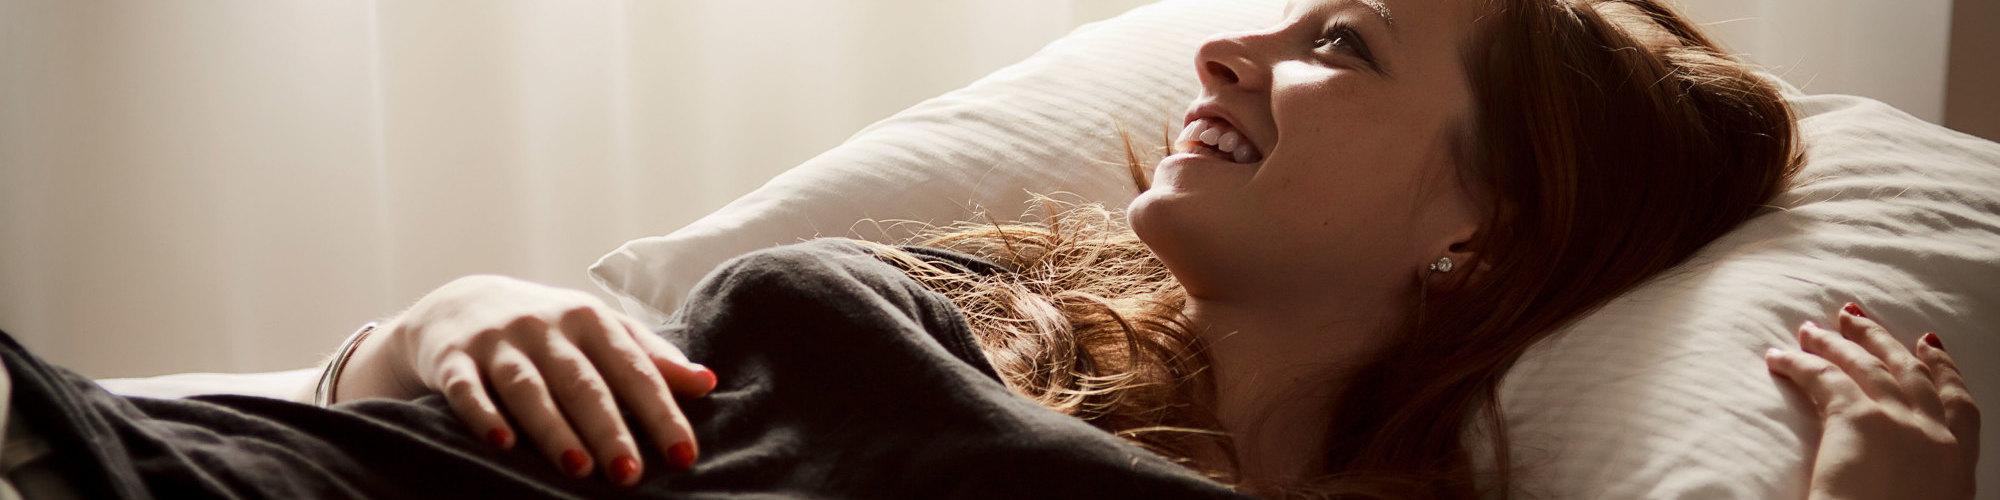 Jeune femme étendue sur un lit